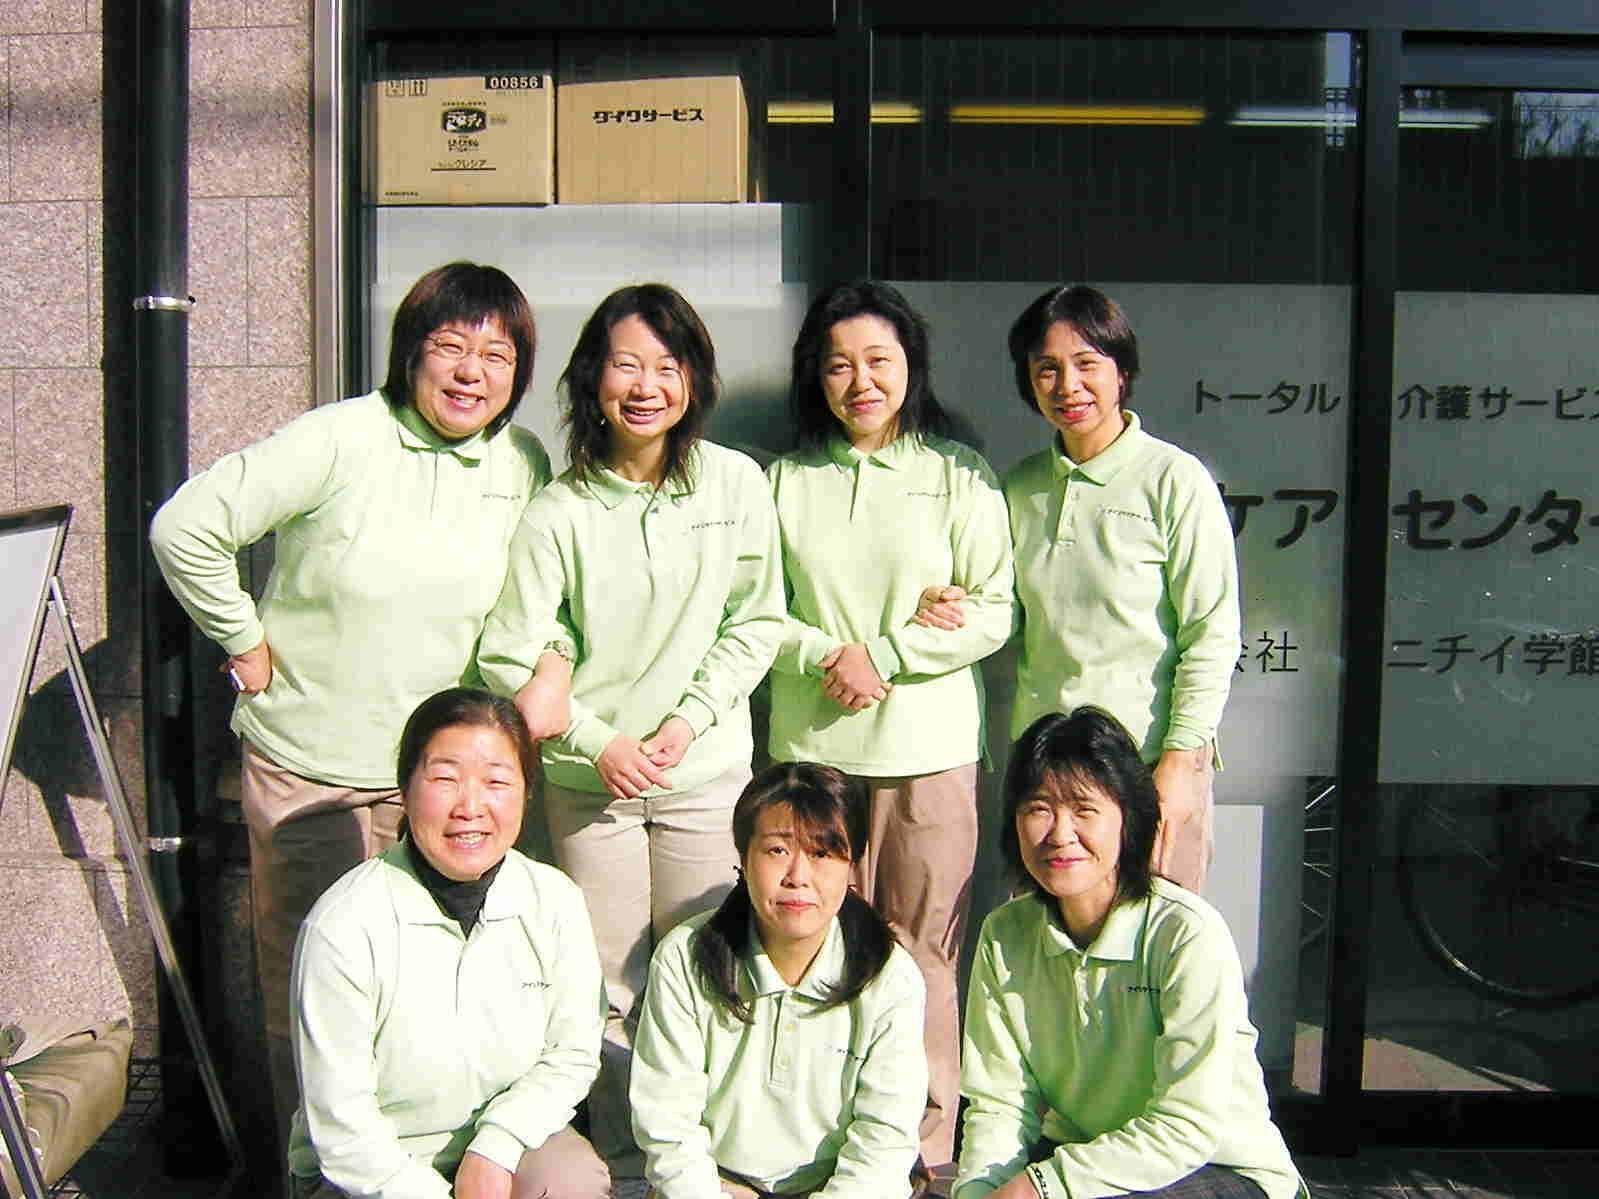 株式会社 ニチイ学館 2871101297 ニチイケアセンター中山